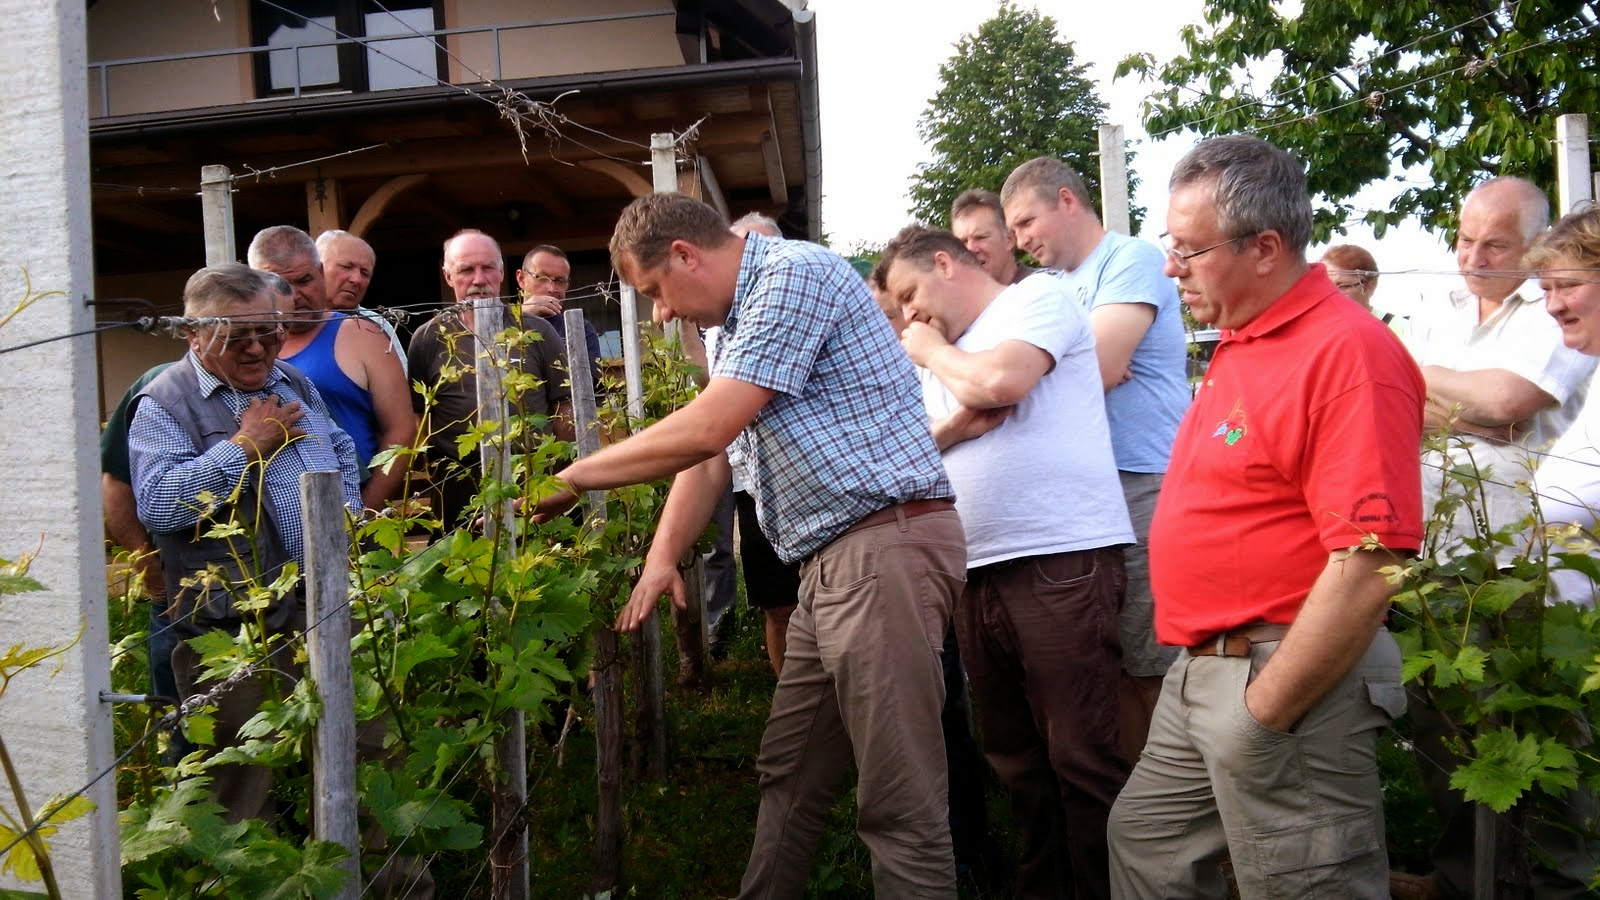 Strokovno predavanje v vinogradu 13.5.2015